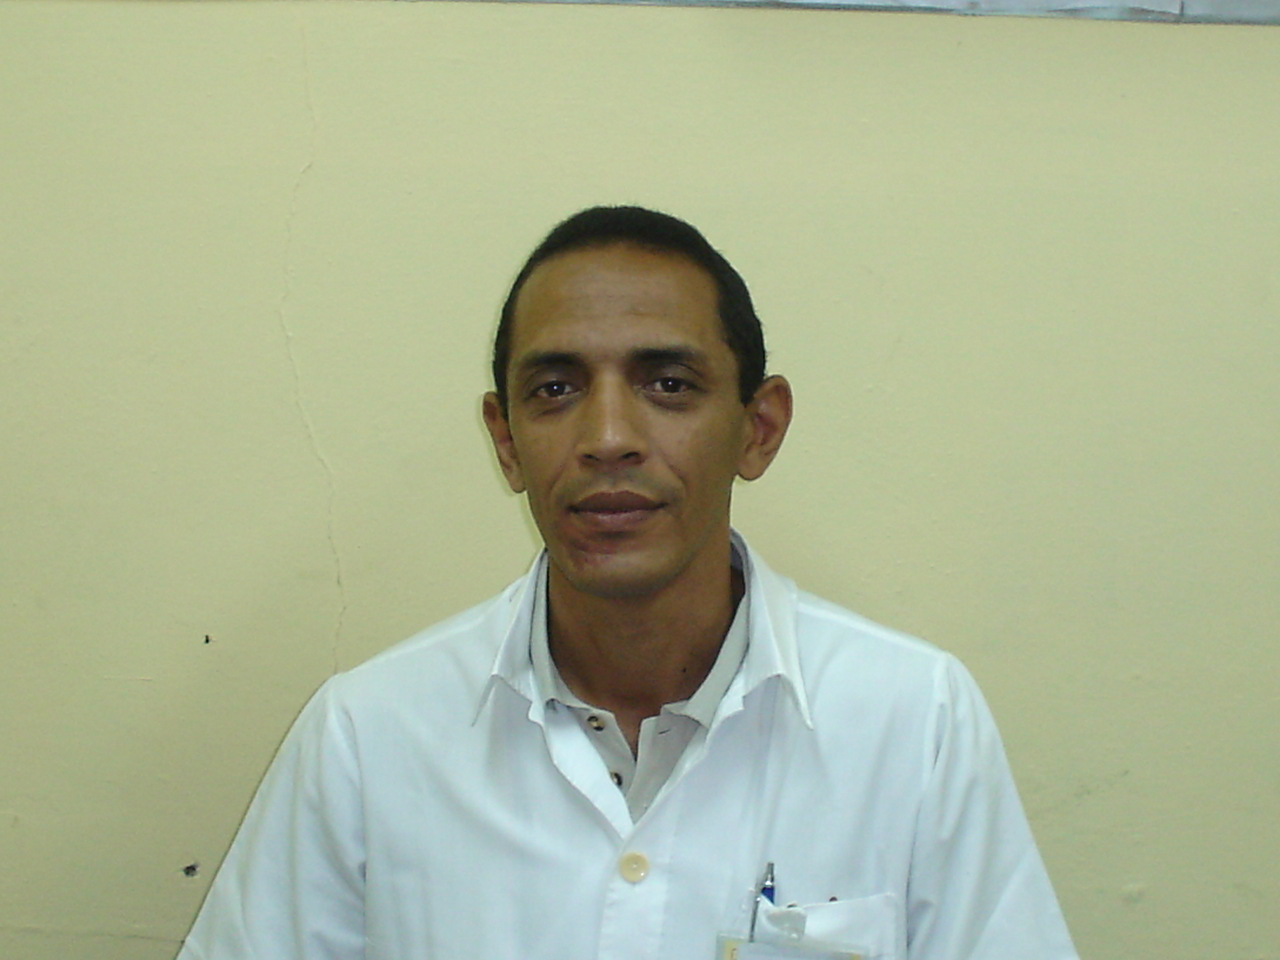 Dr. Orlando M. Gonzalez